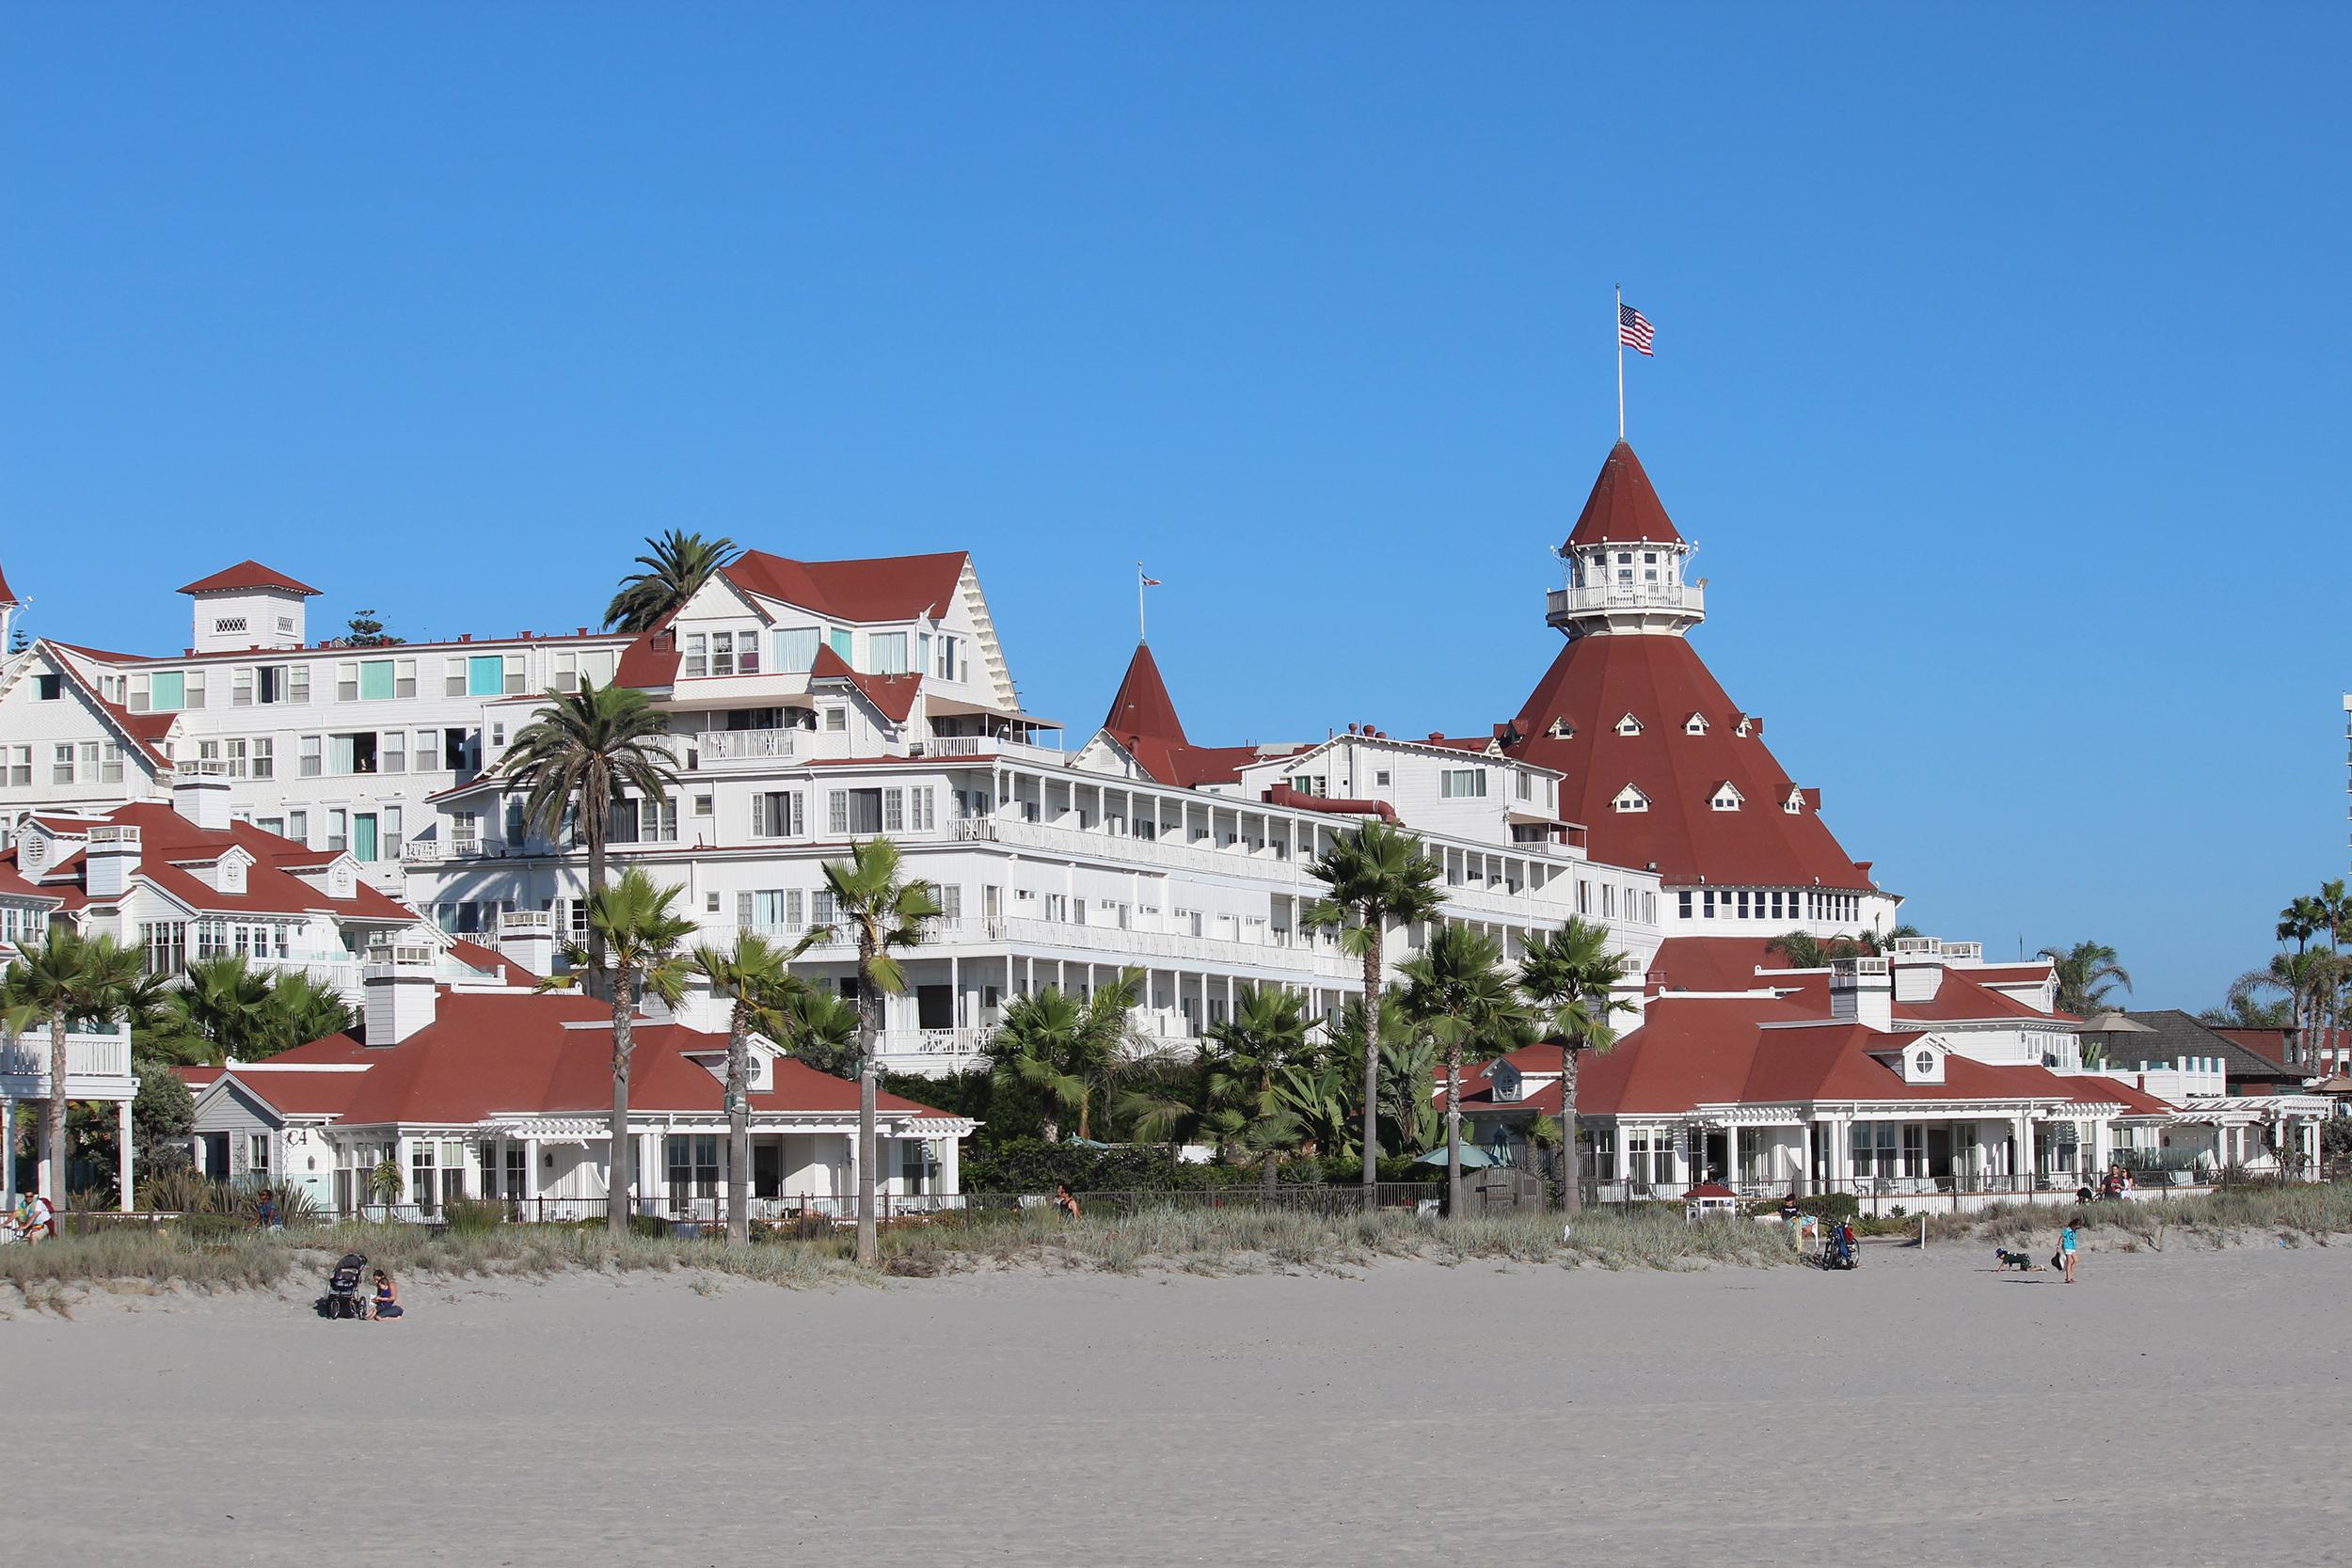 Åtta favoritplatser i USA Hotel del coronado